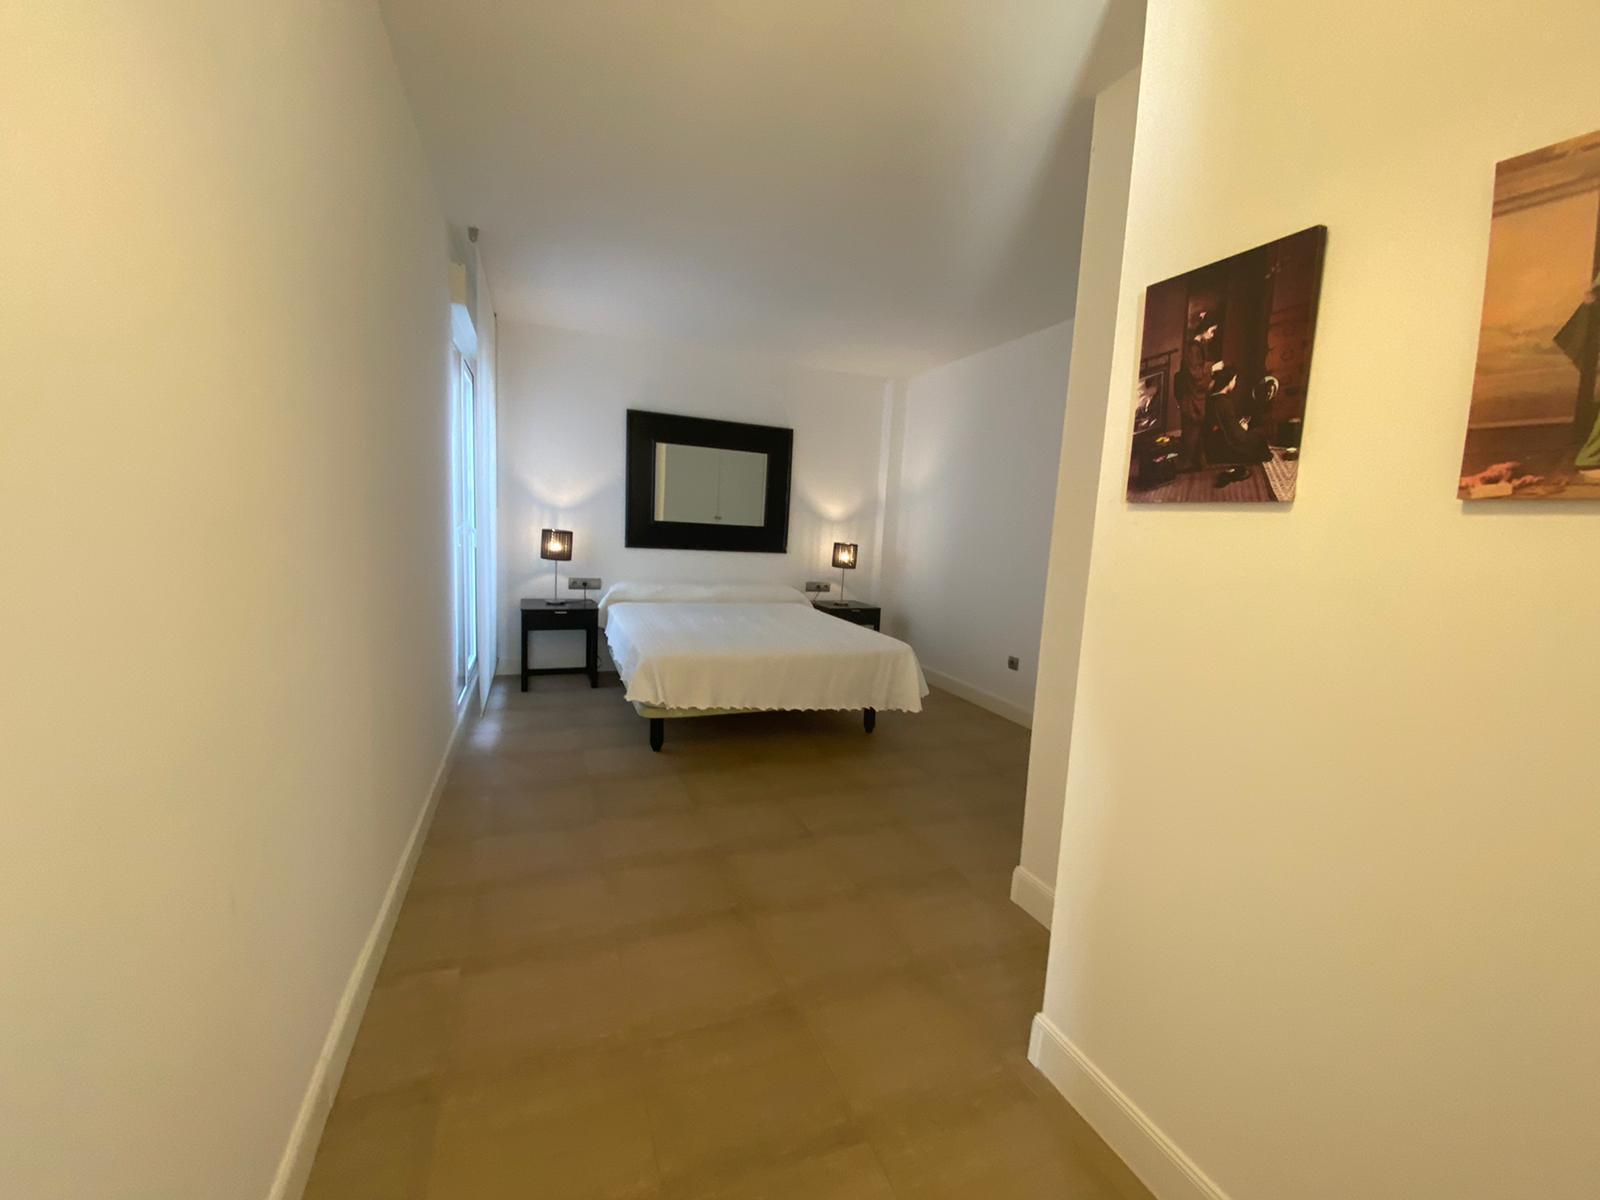 Imagen 4 del Apartamento Turístico, Ático 1 Levante (3d+2b), Punta del Moral (HUELVA), Paseo de la Cruz nº22